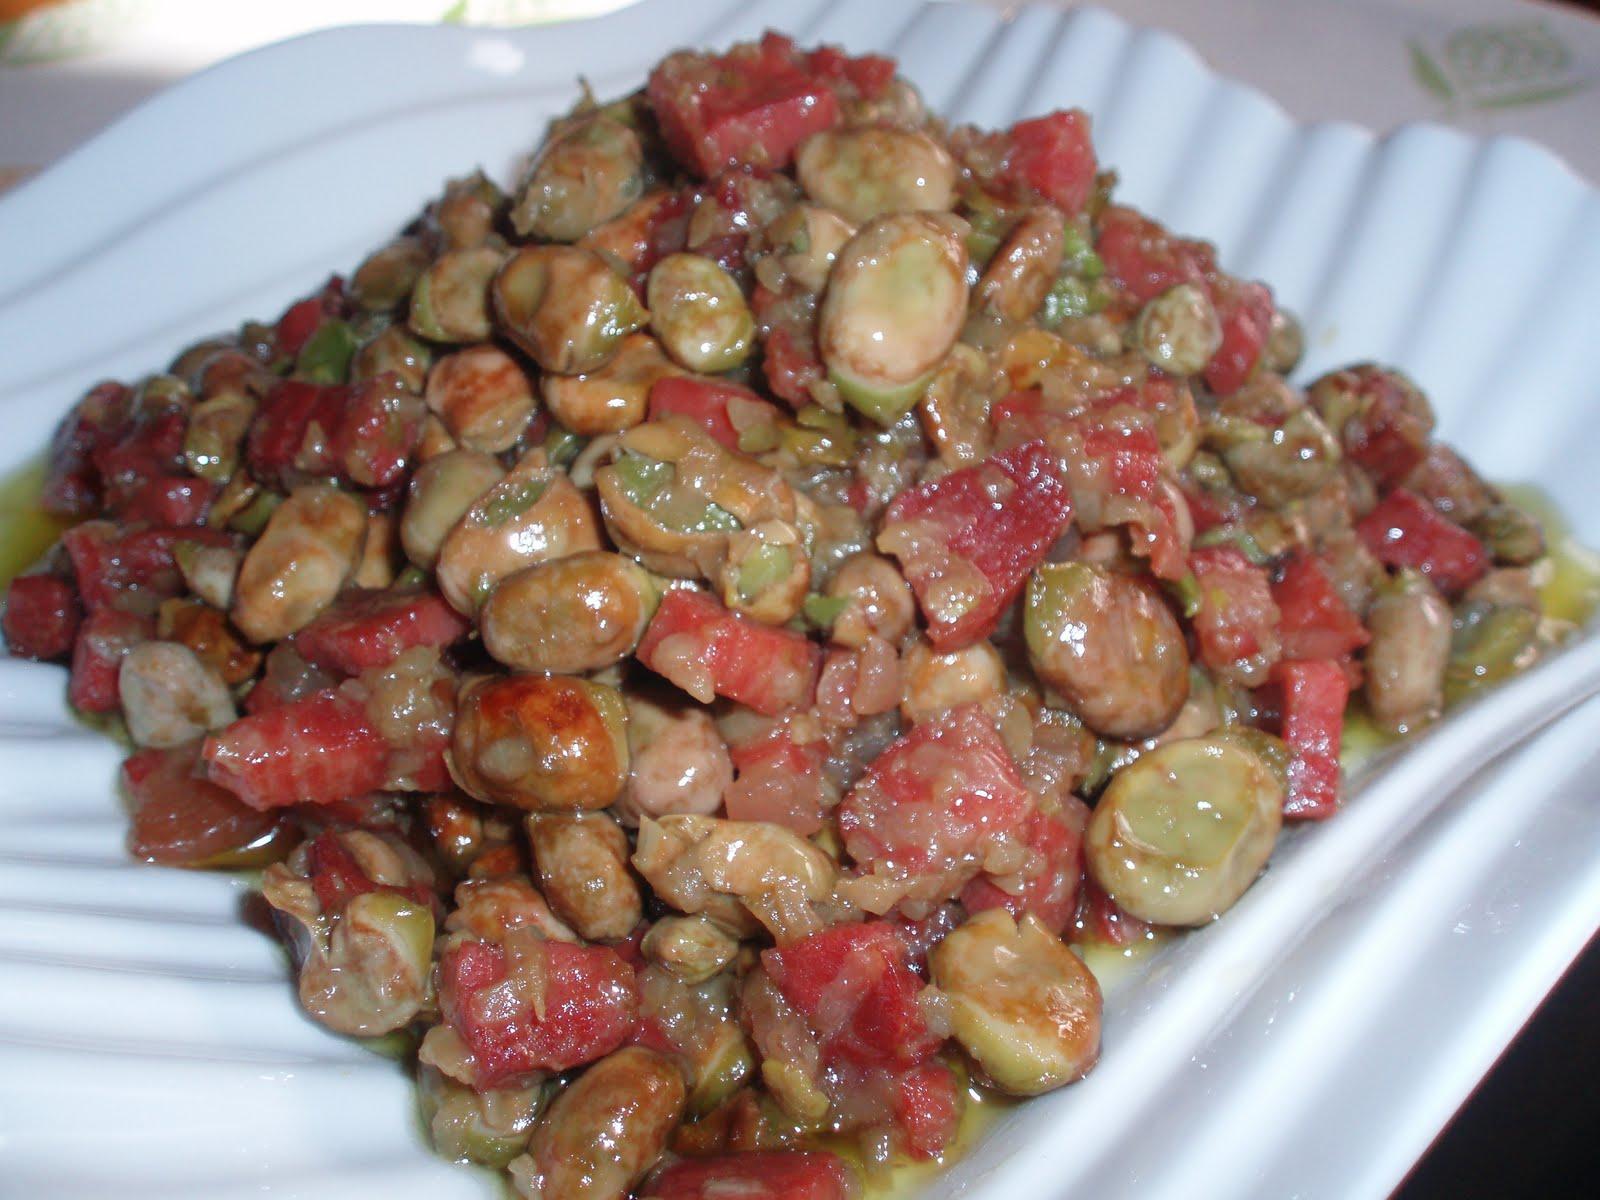 La cocina de deleyn habitas salteadas con jam n ib rico - Habas frescas con jamon ...